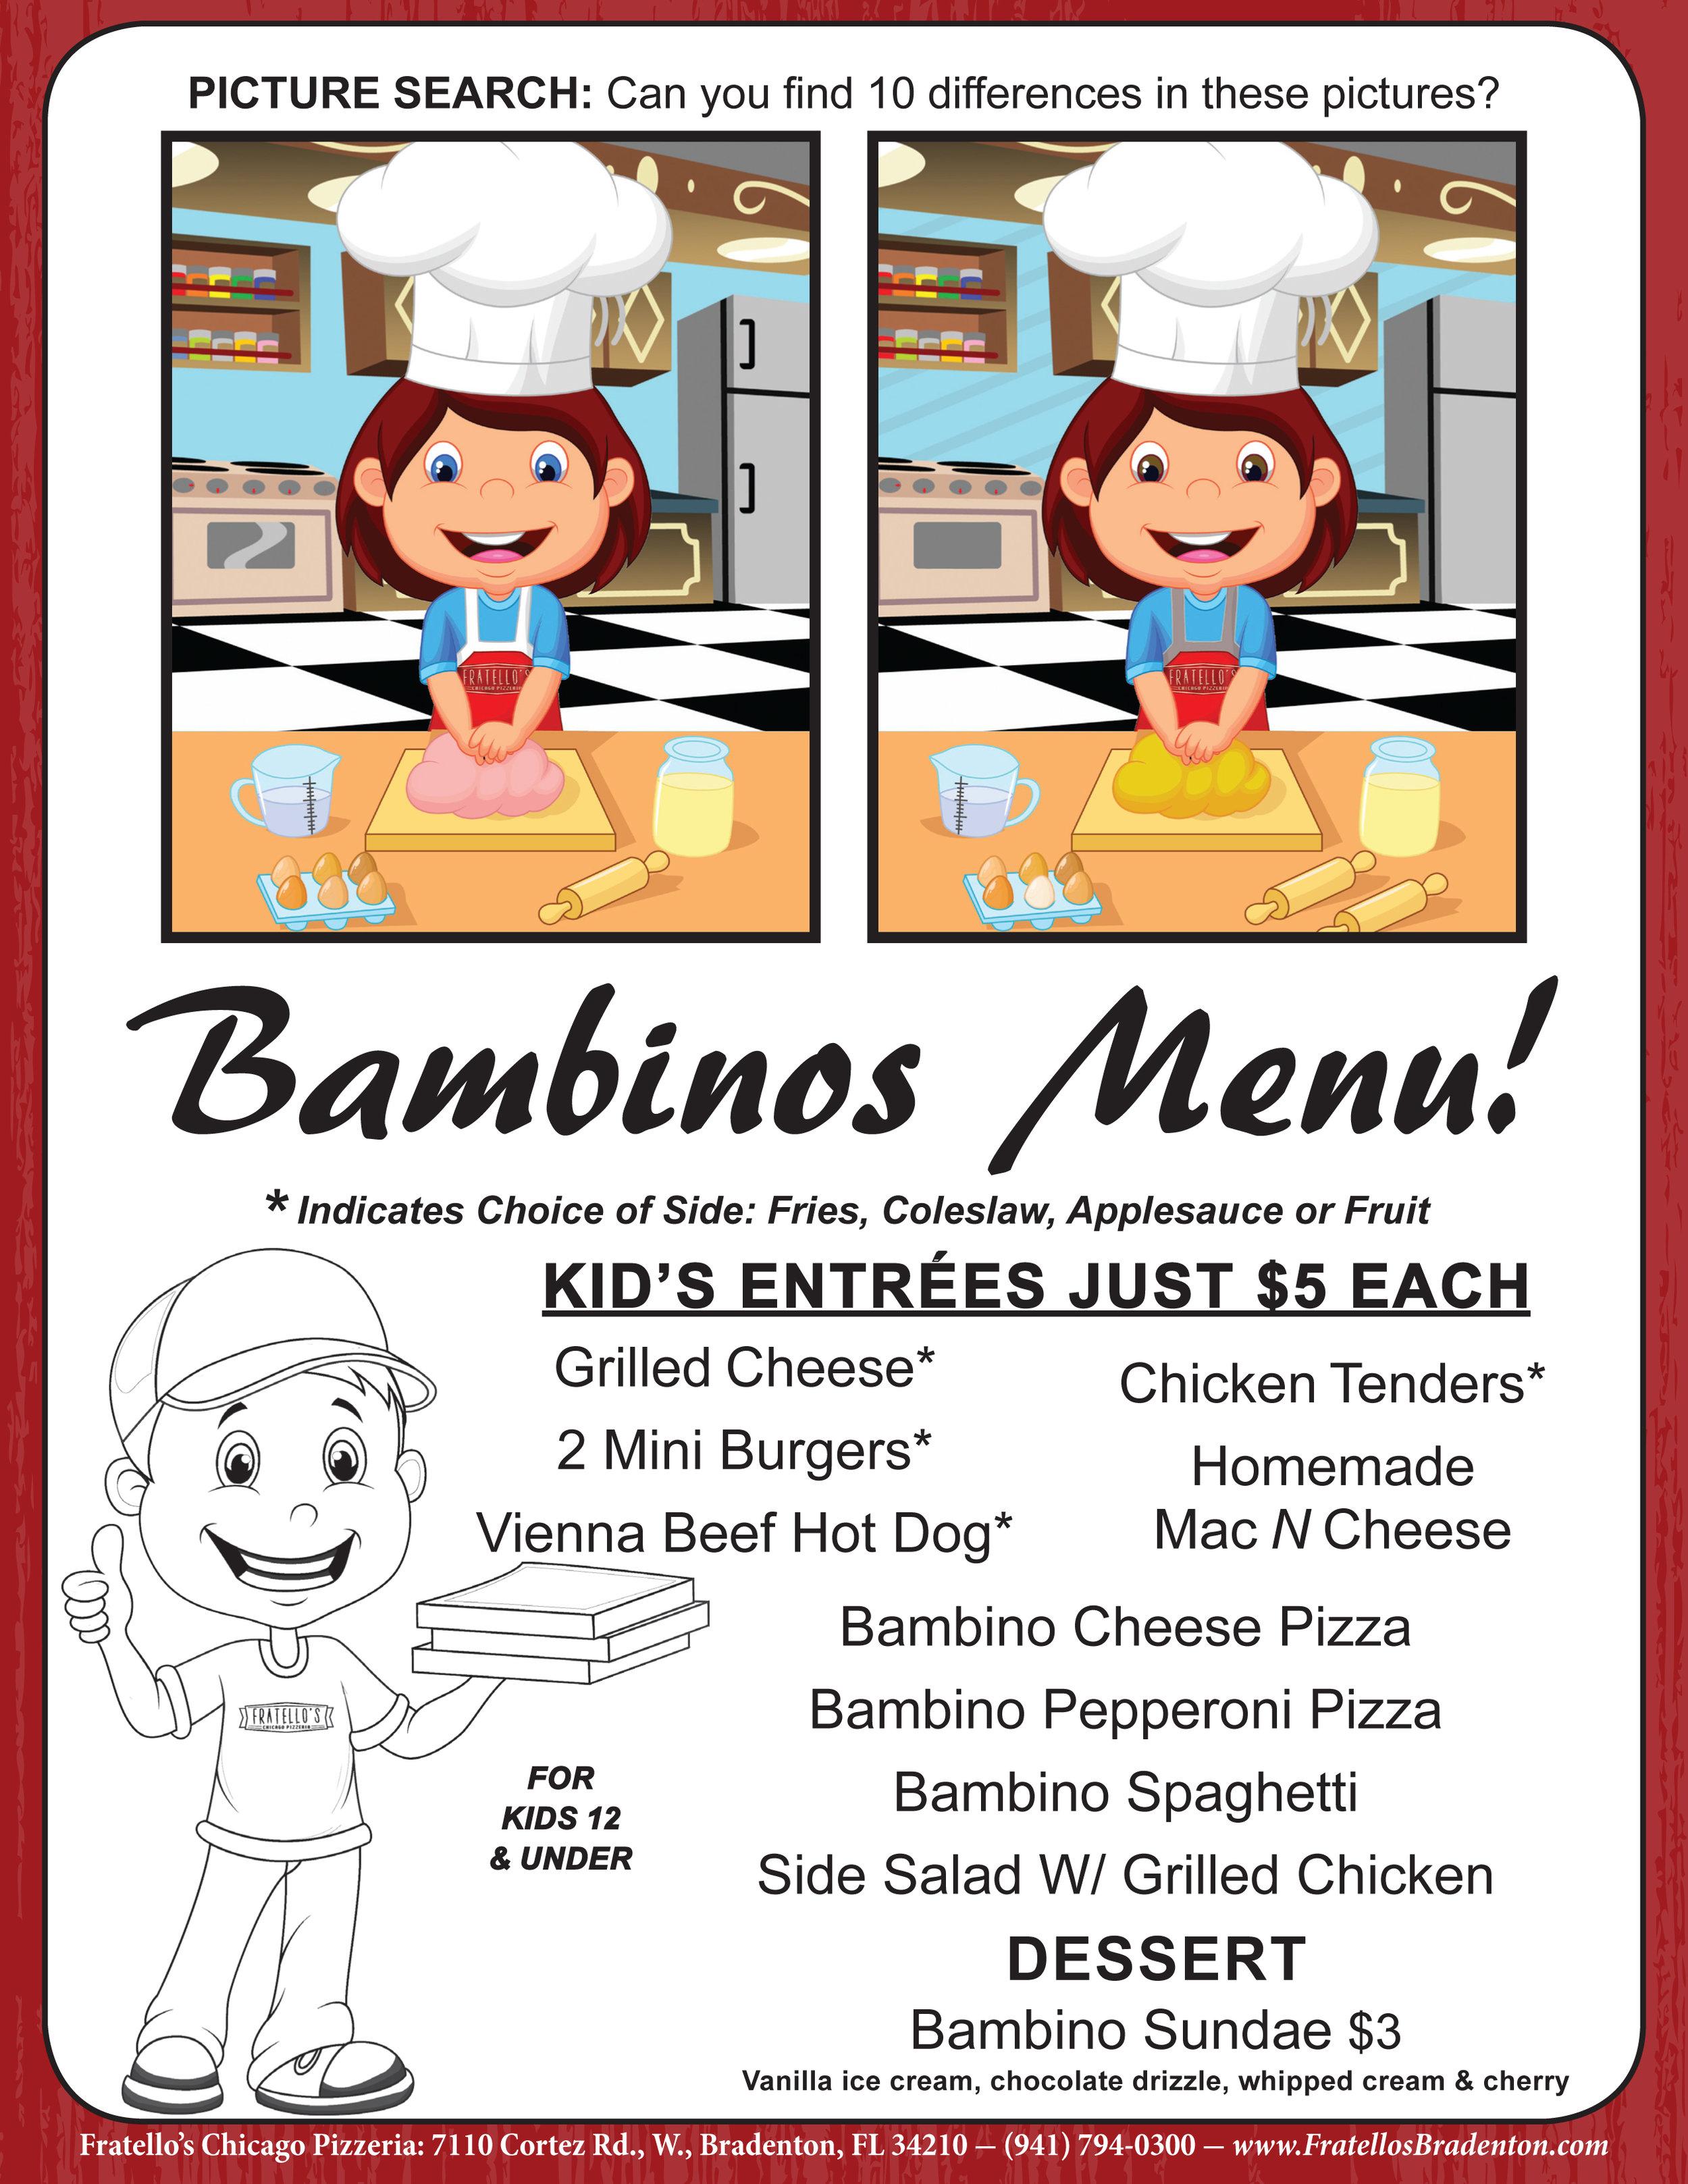 Fratello's kids menu